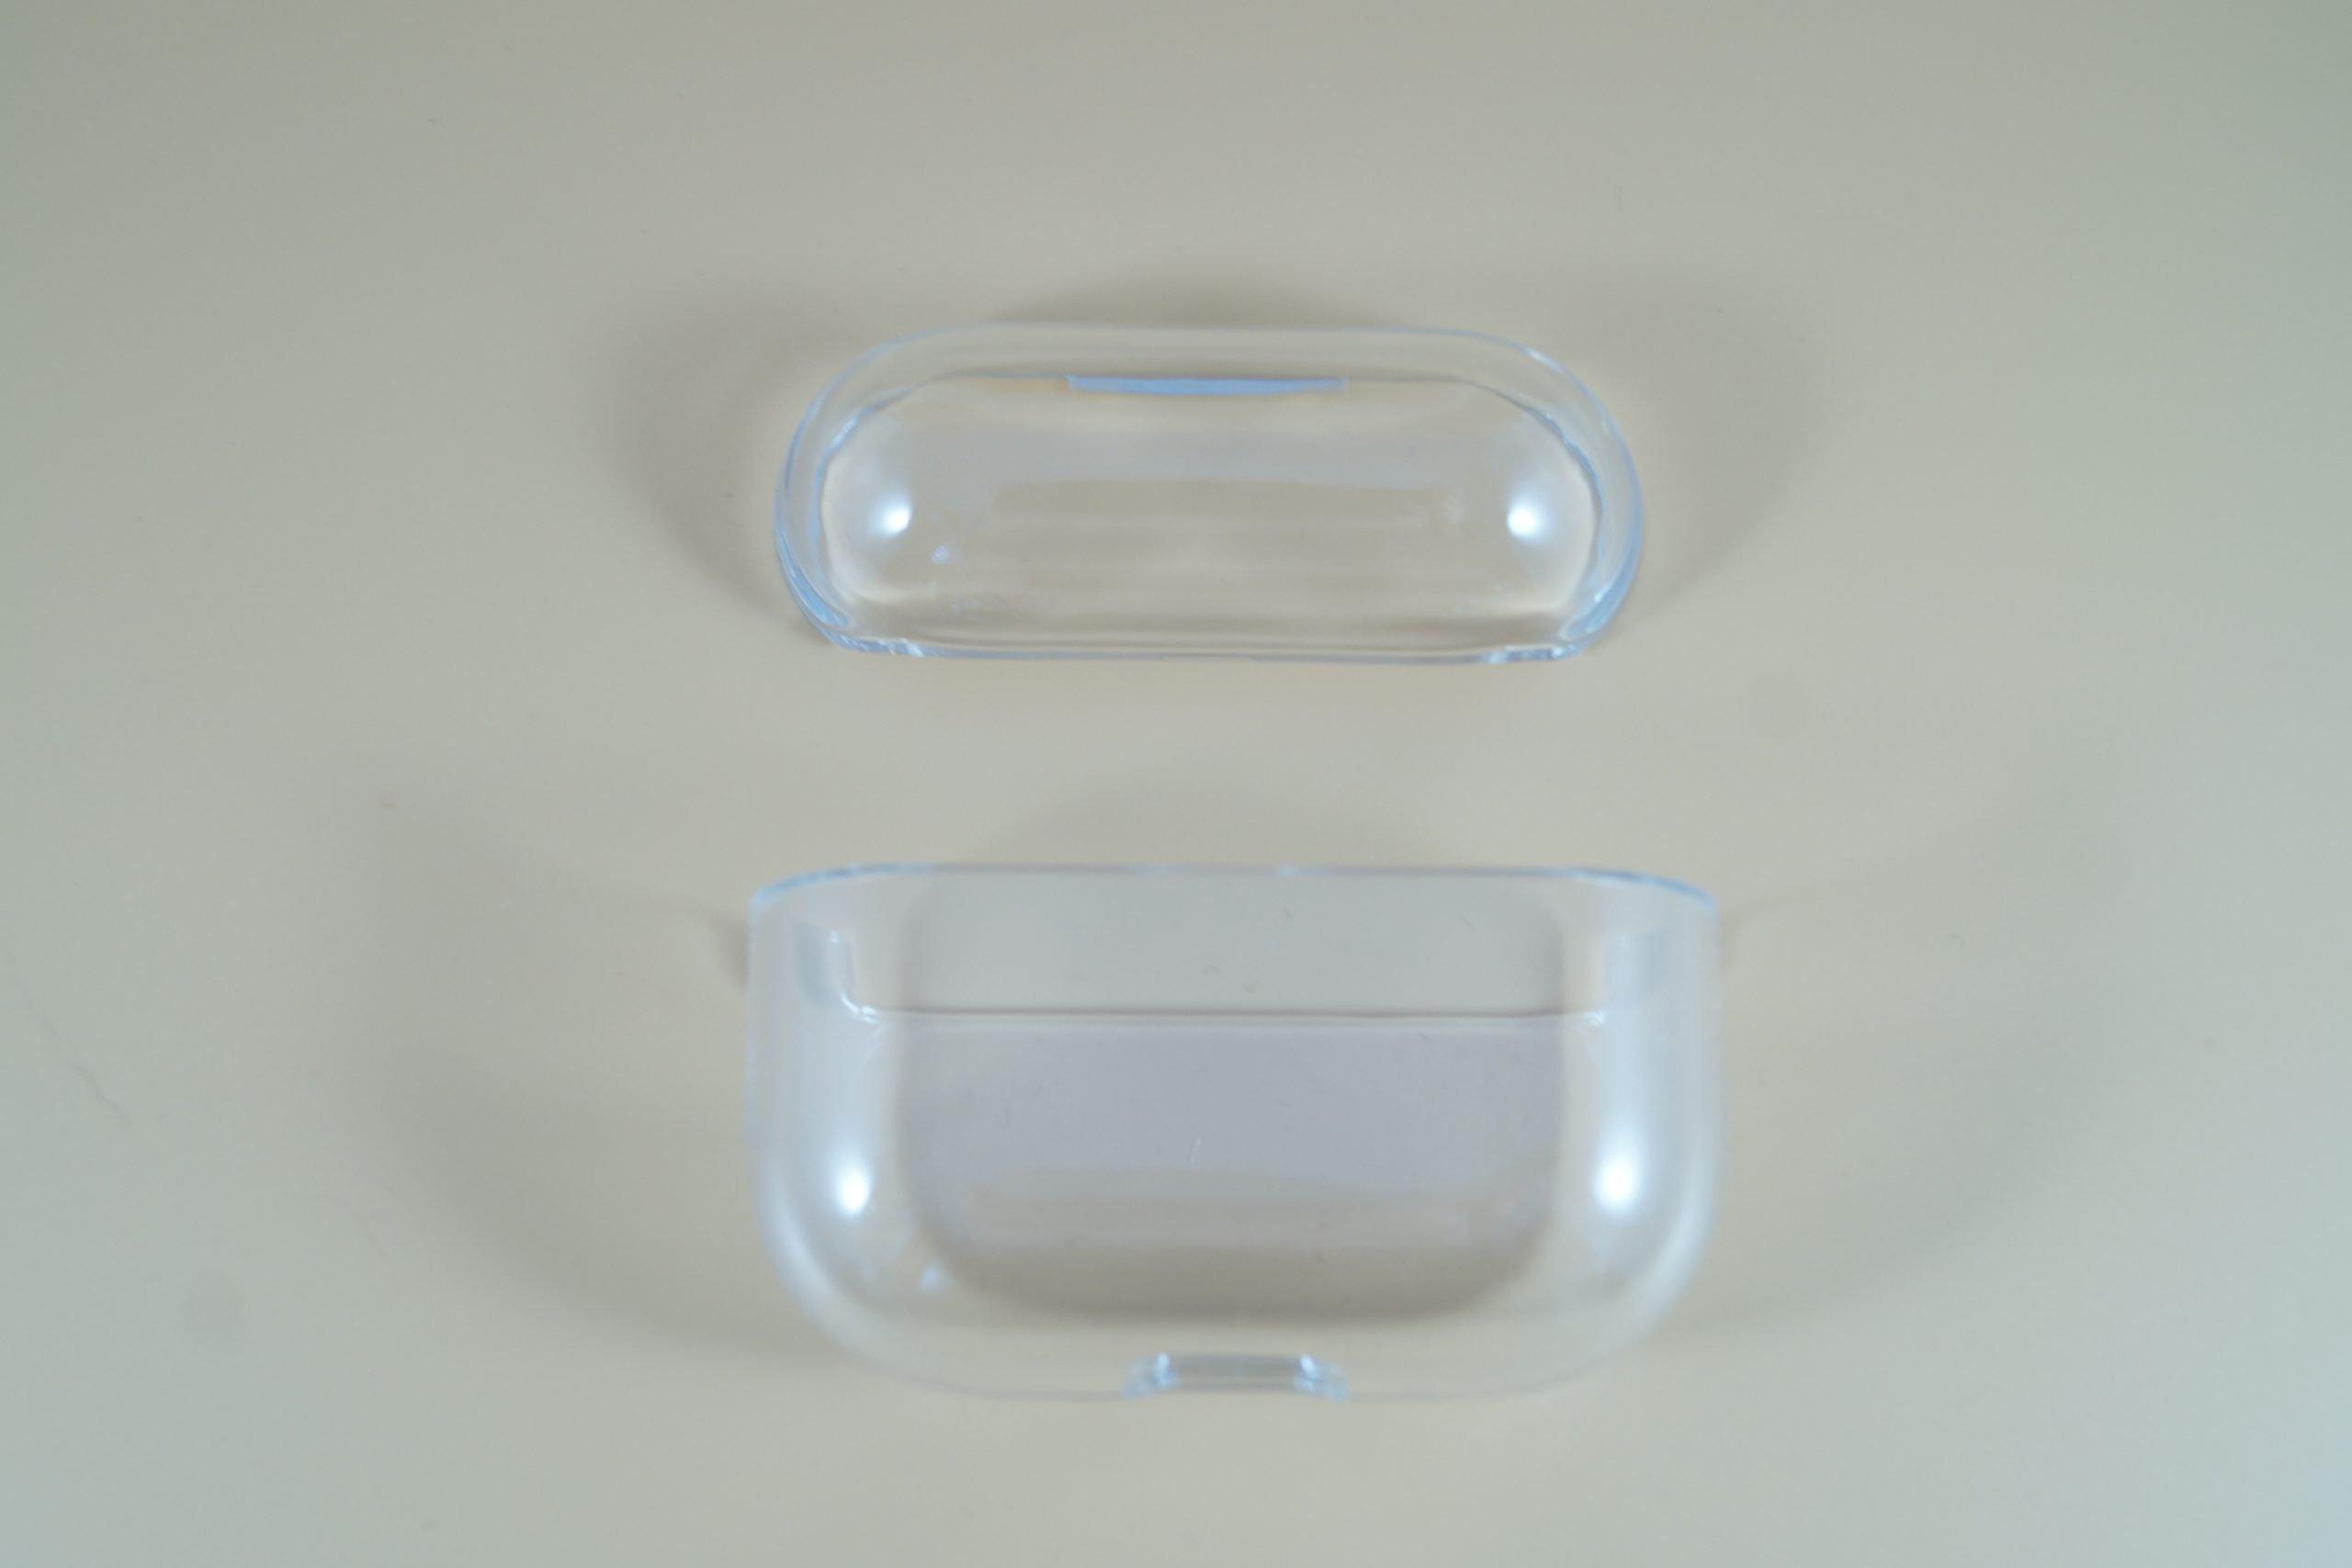 AirPods Pro Premium Hardcase